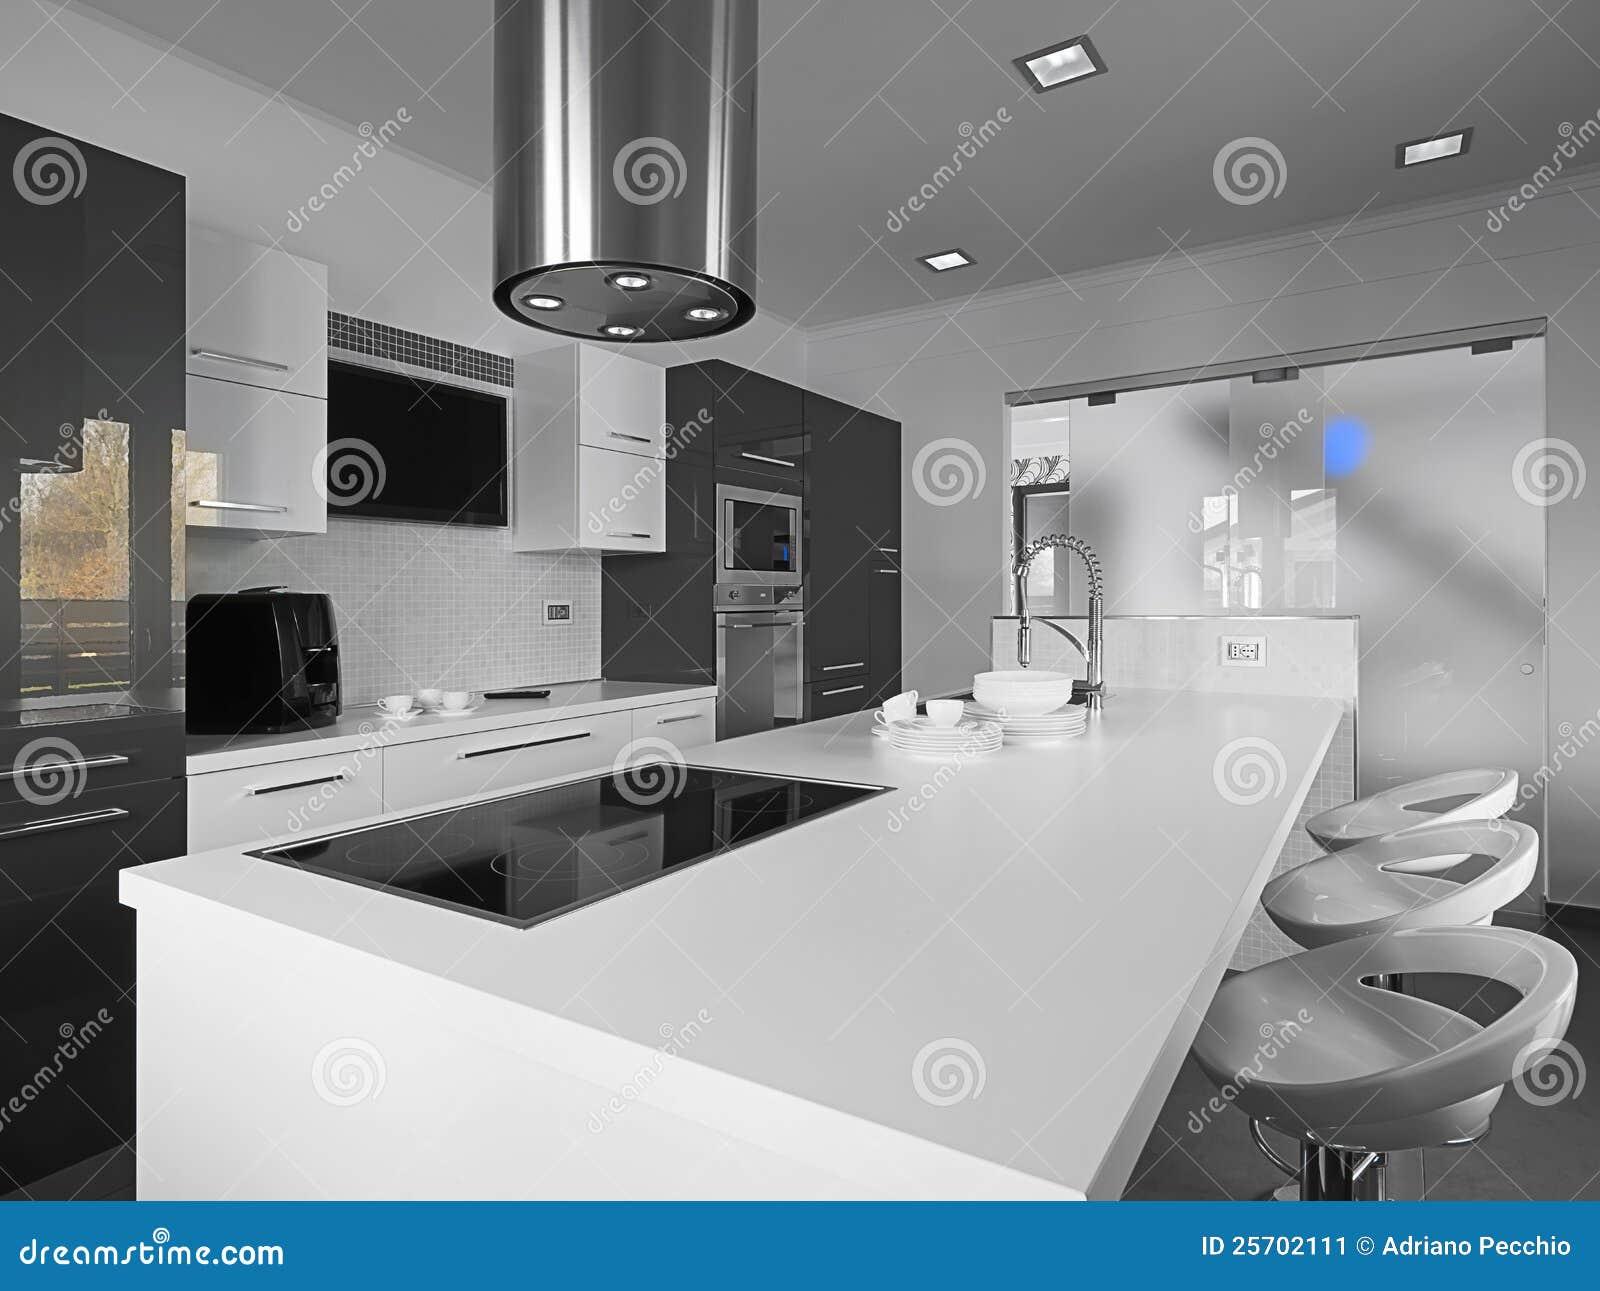 Cocina moderna en un blanco y negro imagen de archivo - Cocina blanca y suelo gris ...